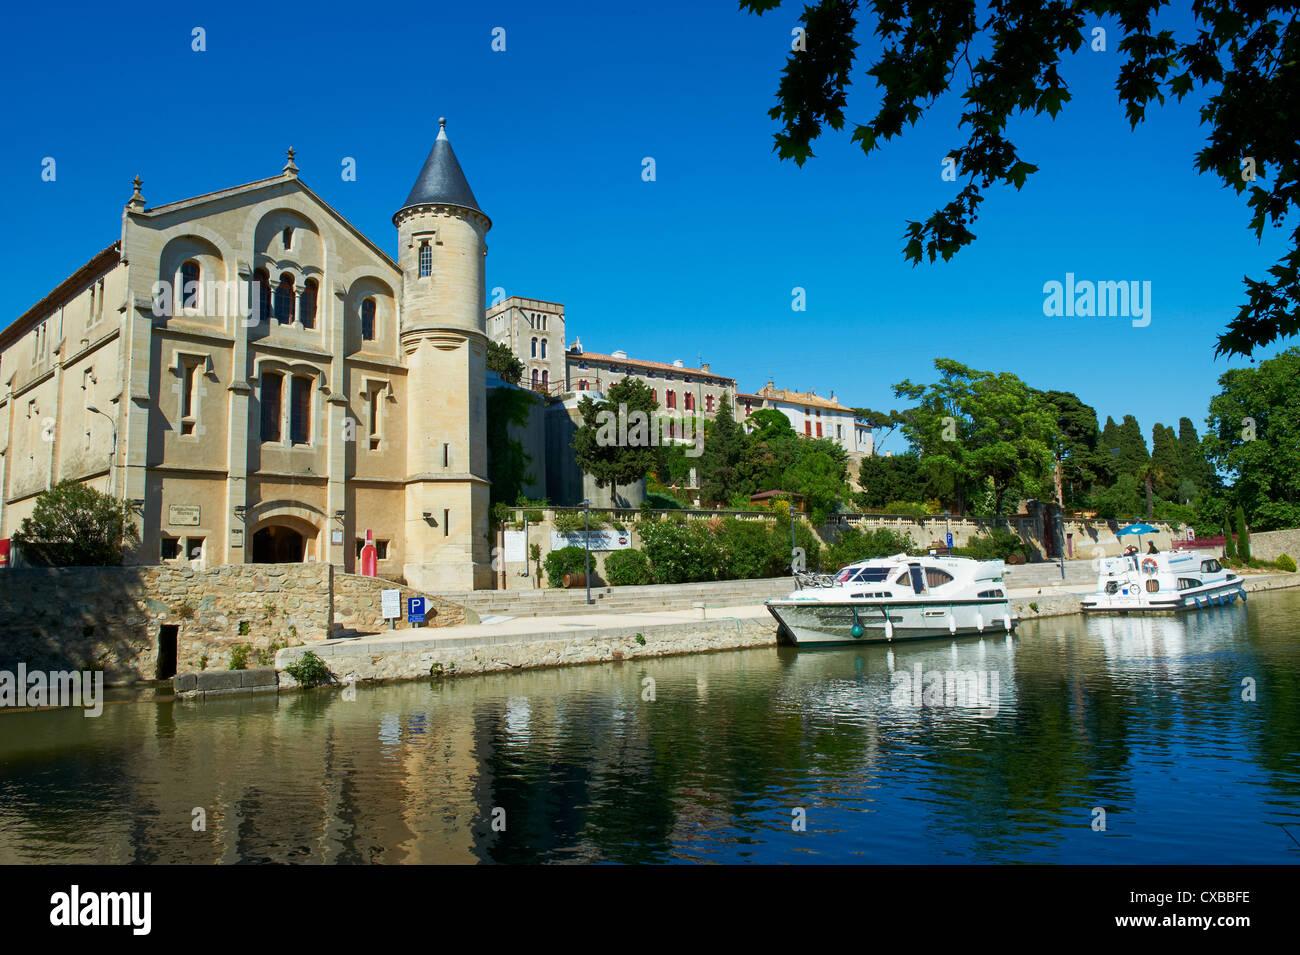 The castle of Ventenac-en-Minervois, Navigation on the Canal du Midi, Aude, Languedoc Roussillon, France - Stock Image